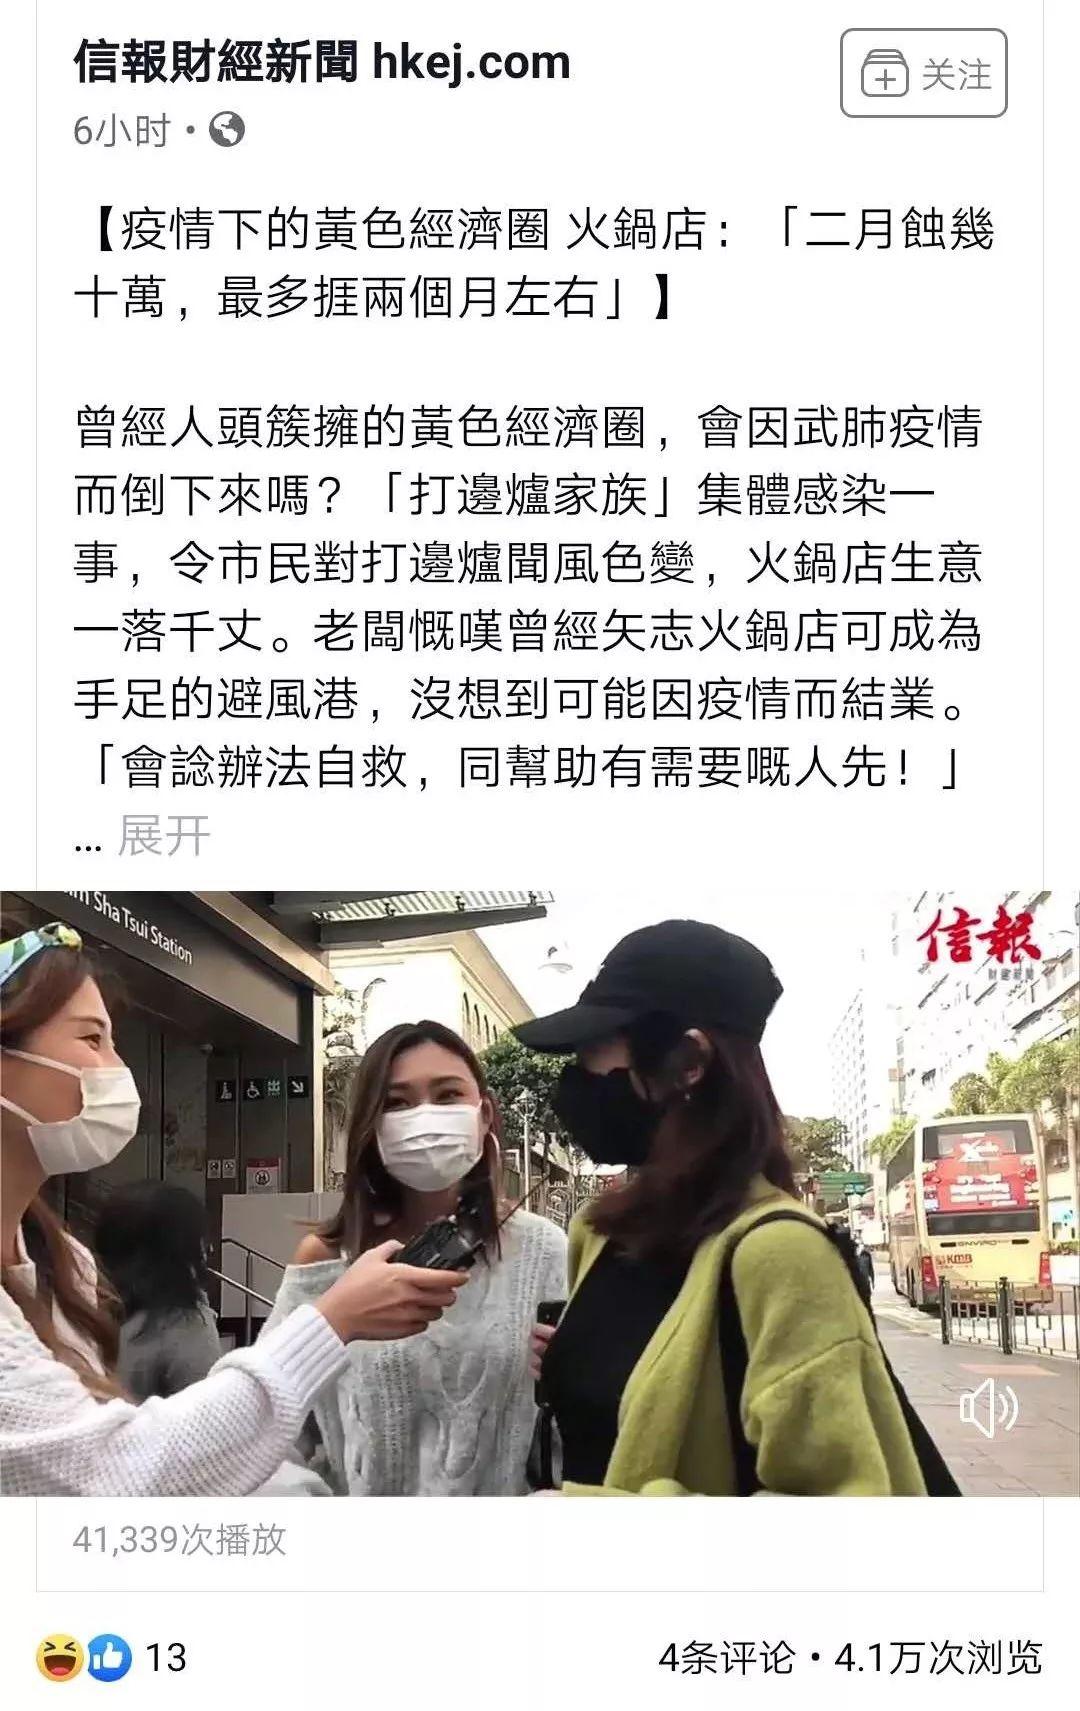 """暴徒追捧的黄店,黄了!乱港分子还想靠它""""振兴香港""""?简直可笑"""